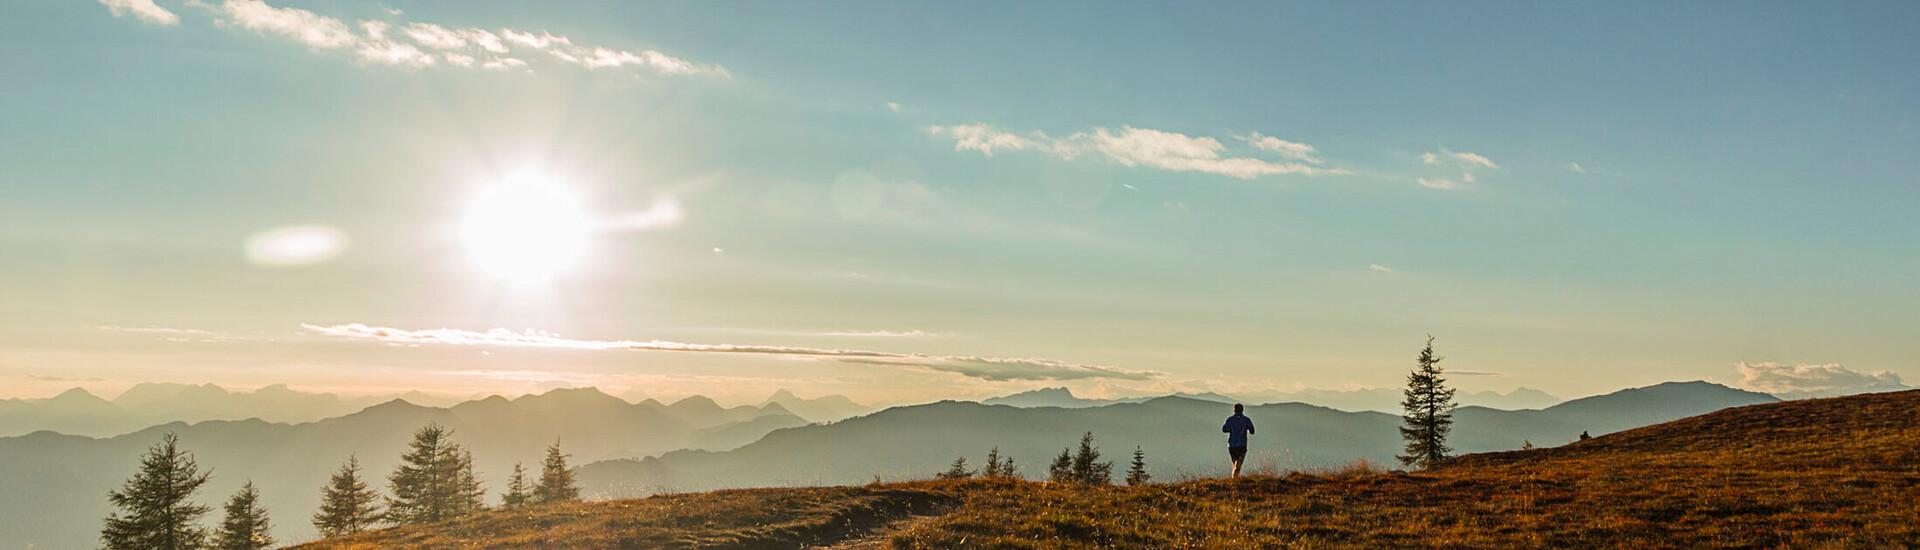 Ein Mann läuft nahe dem Hotel mit Kärnten-Card durch die Landschaft